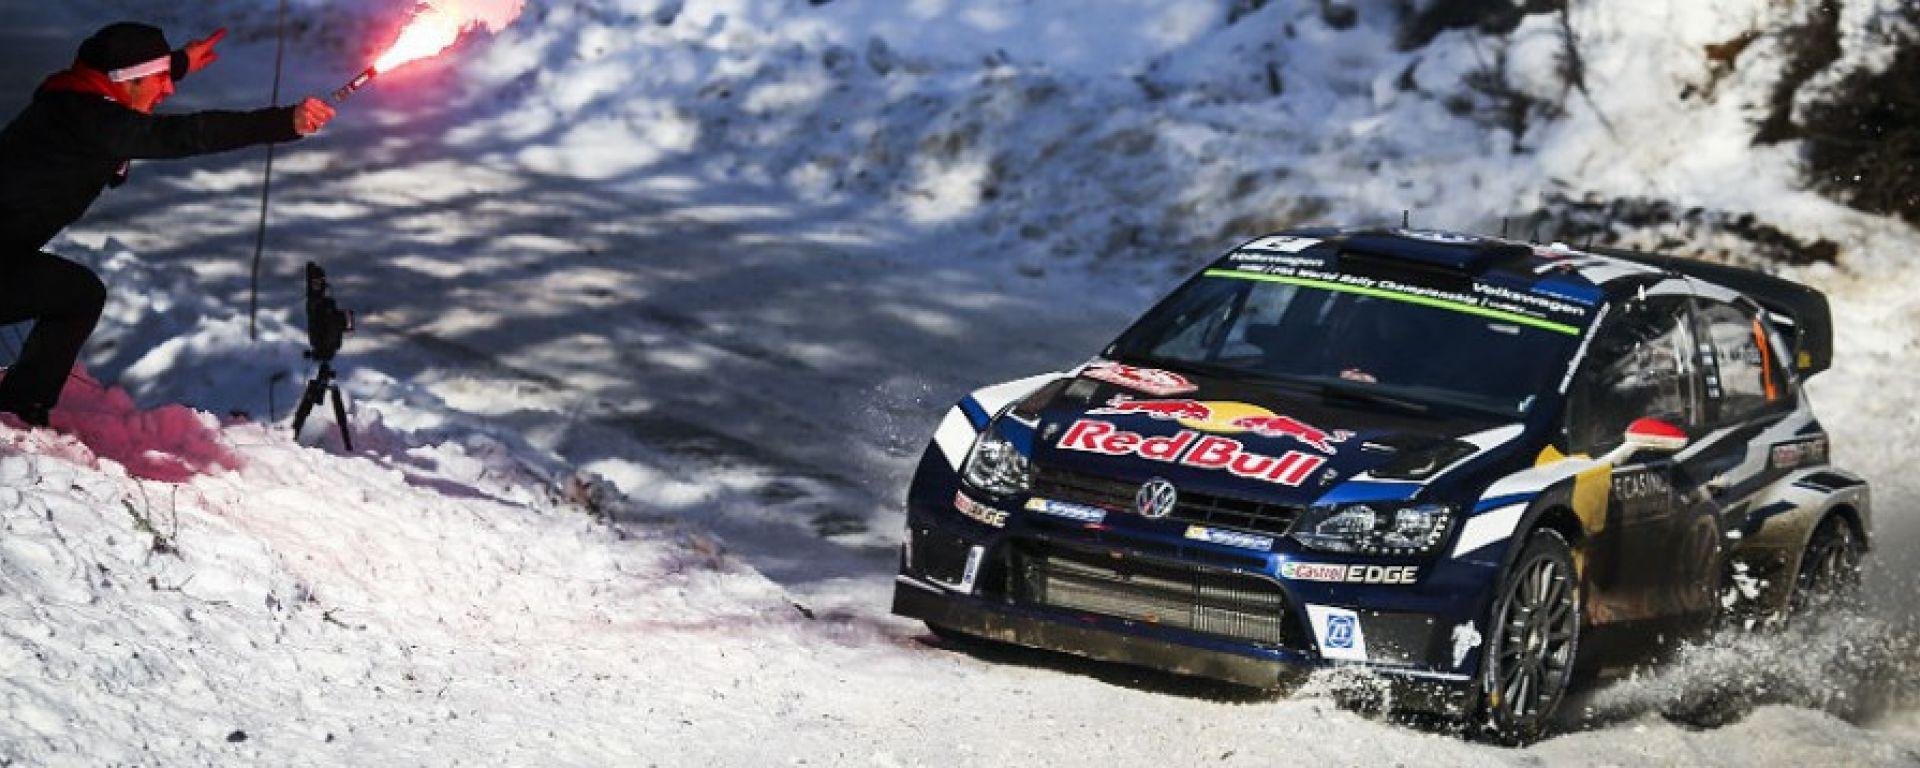 Campionato Mondiale WRC: il calendario 2016